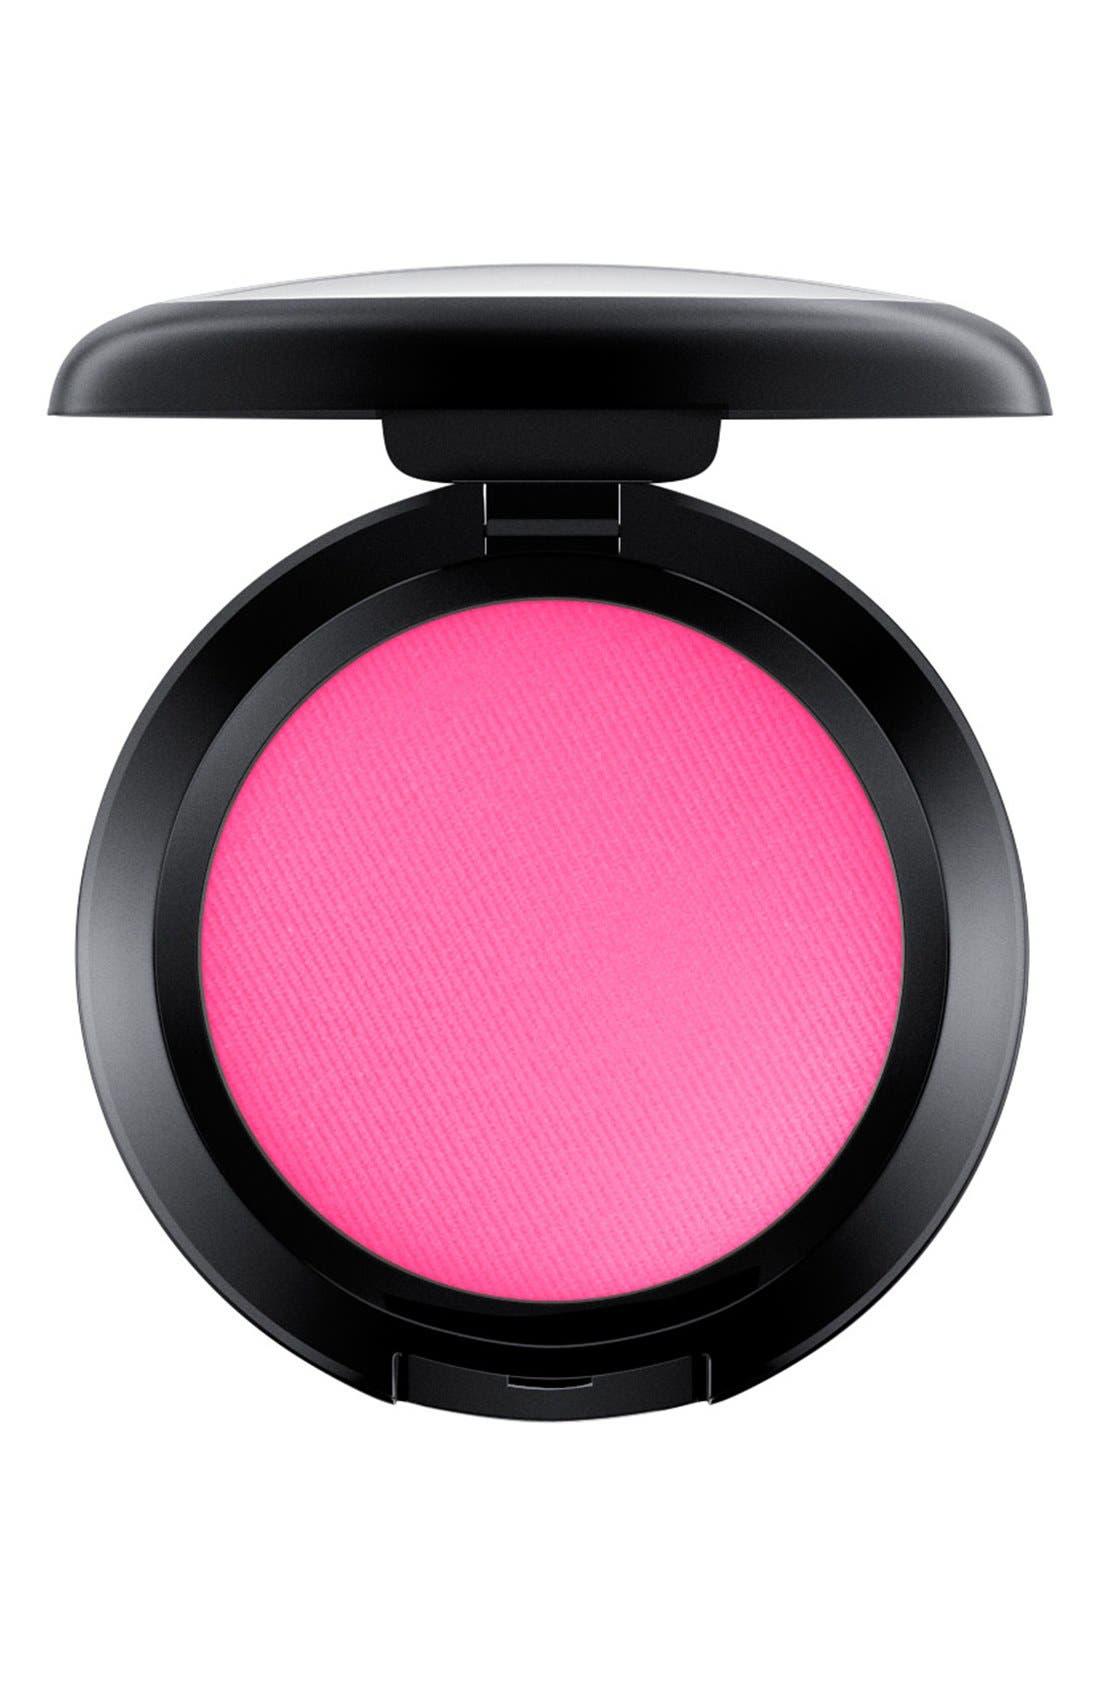 MAC Small Powder Blush,                             Main thumbnail 1, color,                             BRIGHT PINK